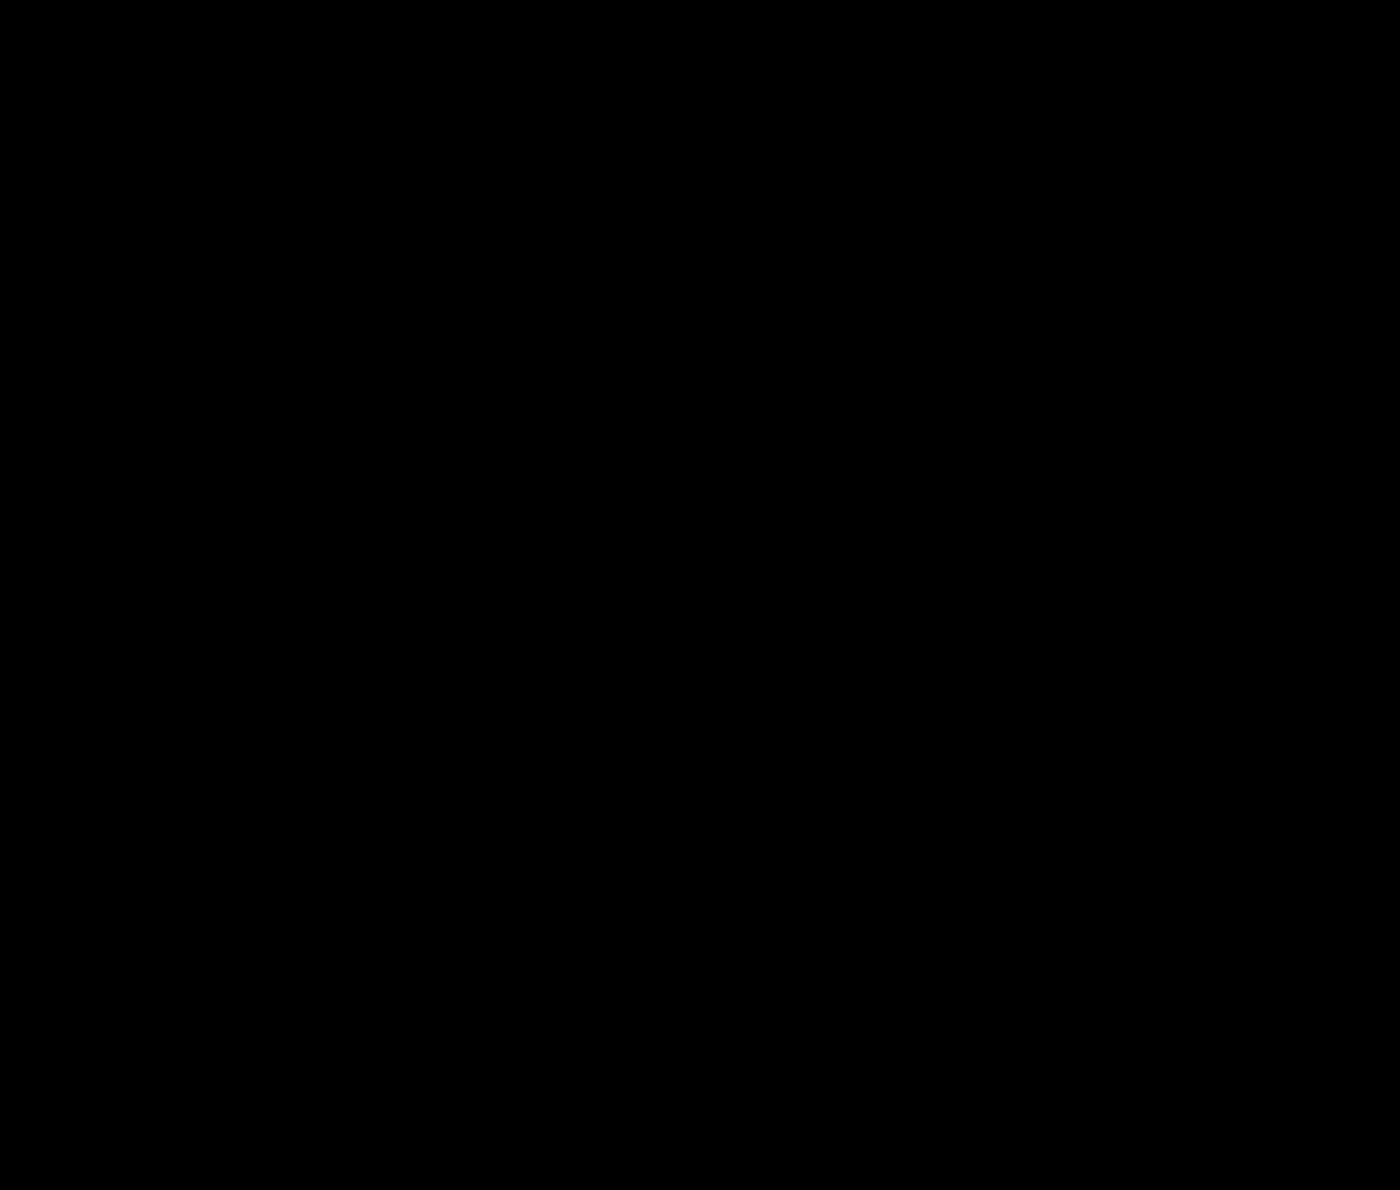 Gartenlaterne in schwarz